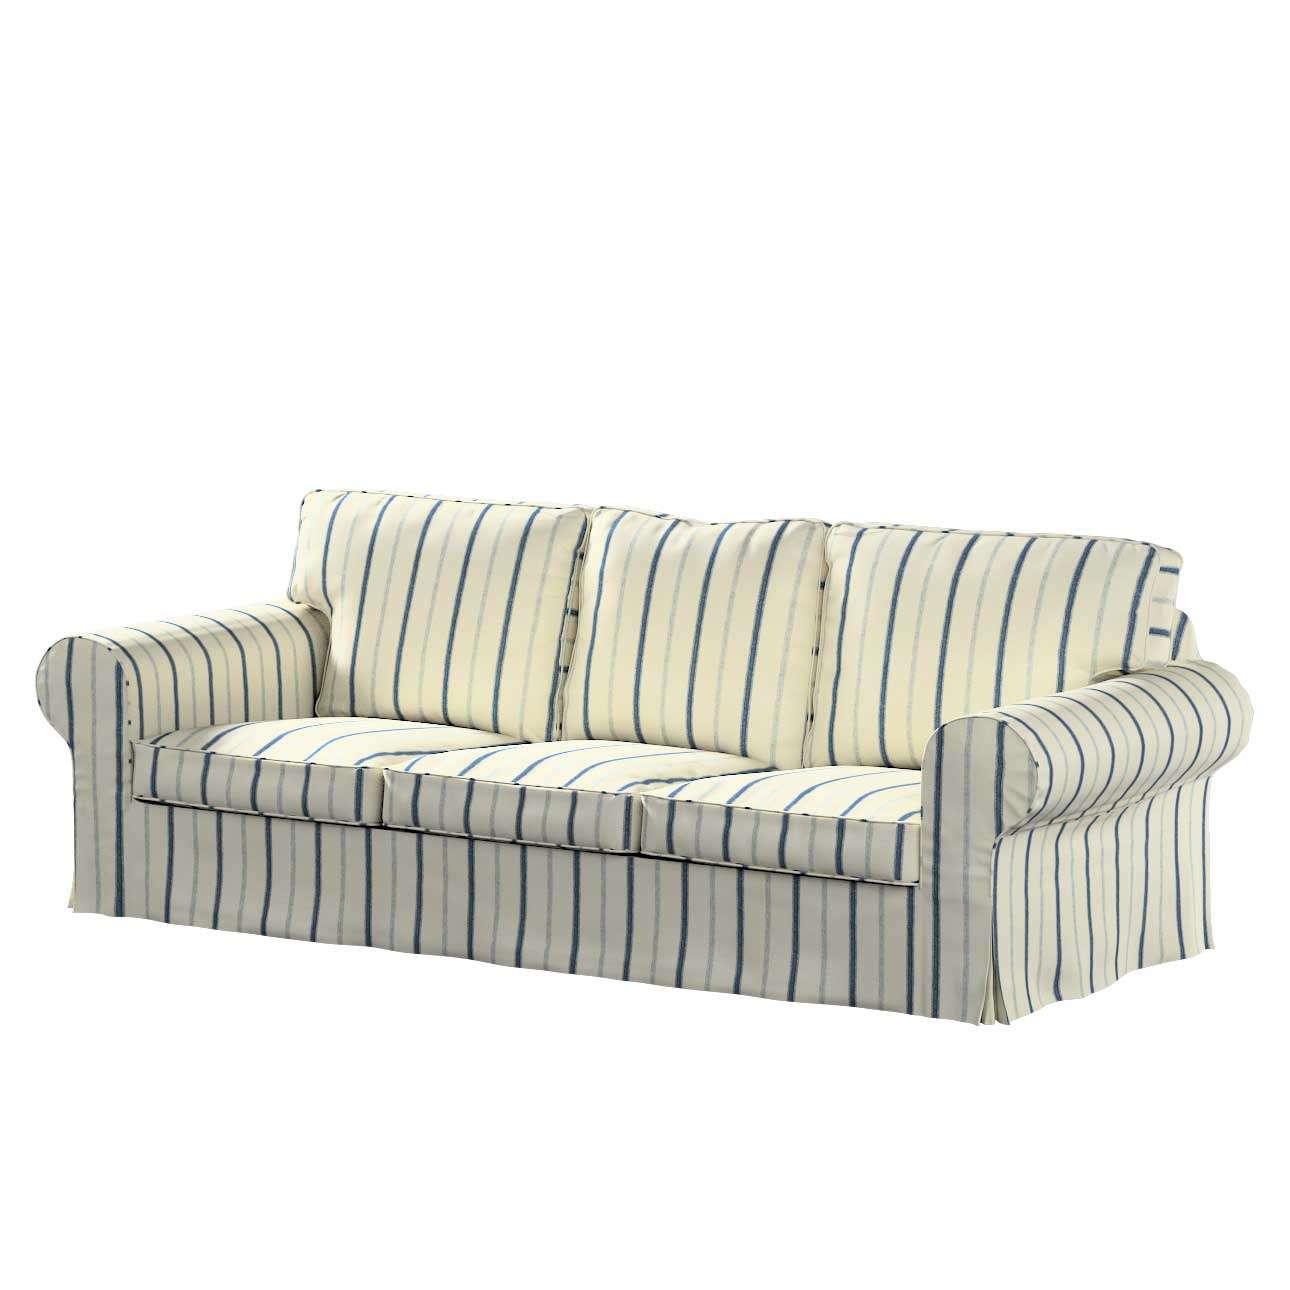 Ektorp trivietės sofos užvalkalas Ektorp trivietės sofos užvalkalas kolekcijoje Avinon, audinys: 129-66